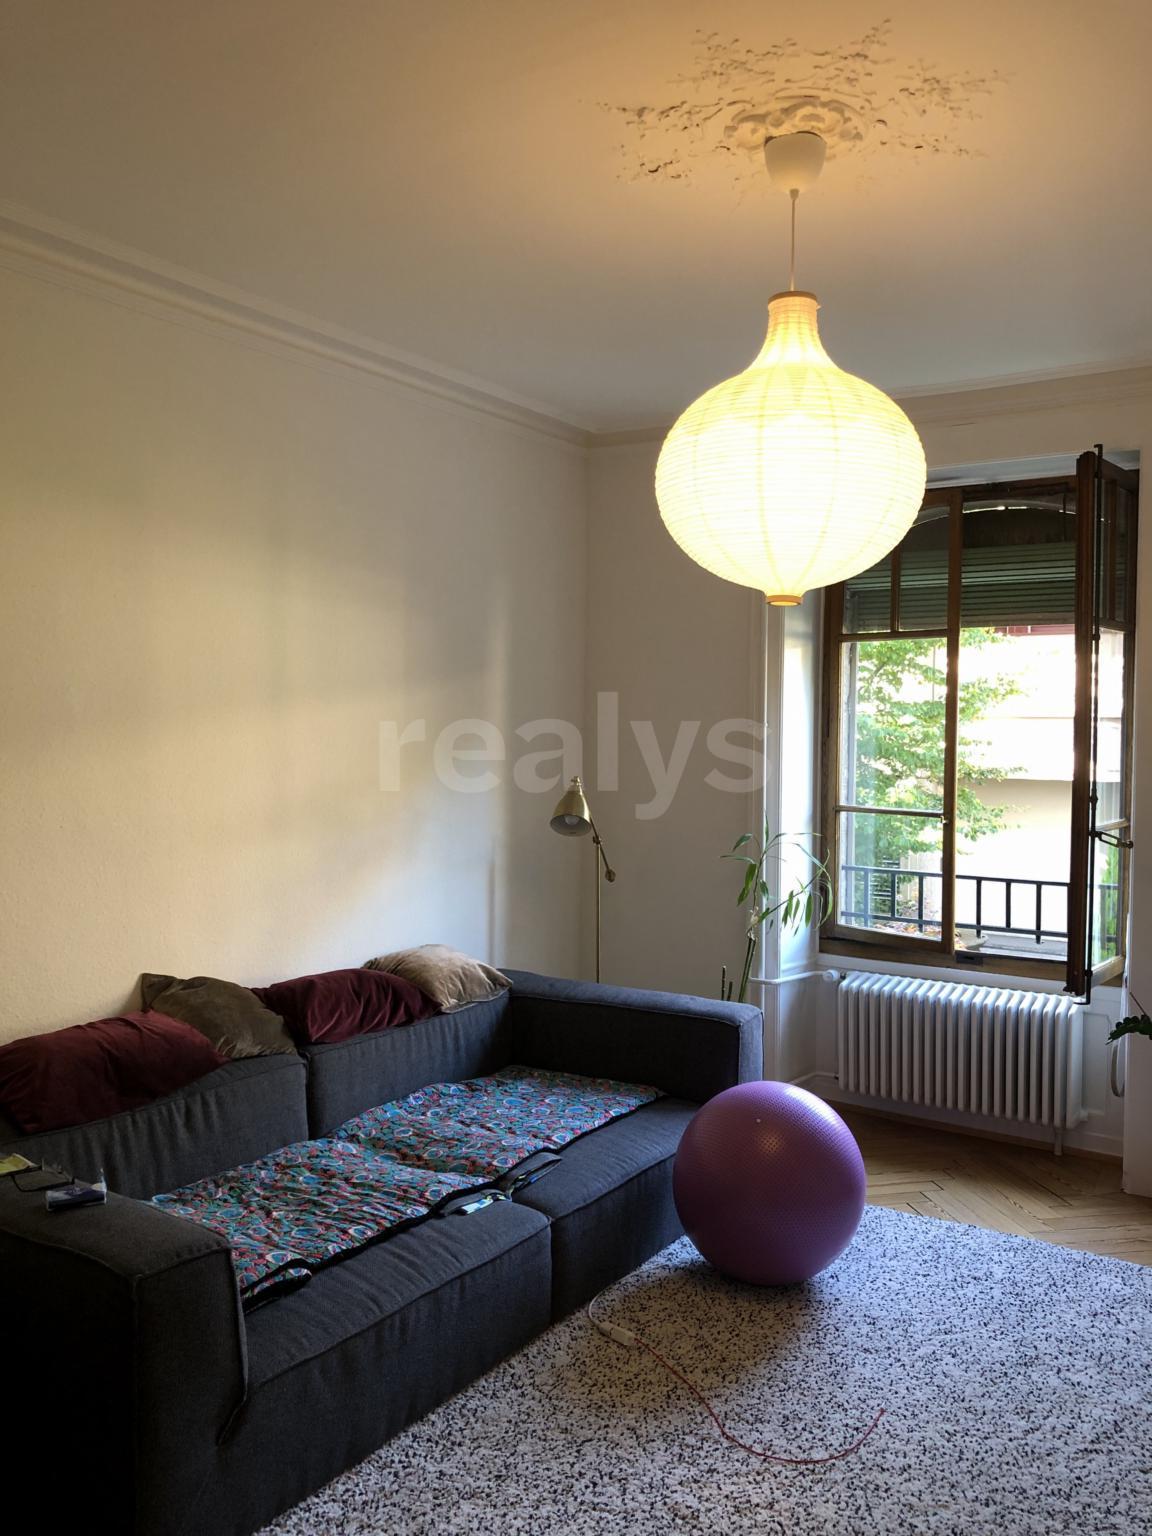 PrivaliaBel appartement dans un environnement calme dans le quartier des Charmilles